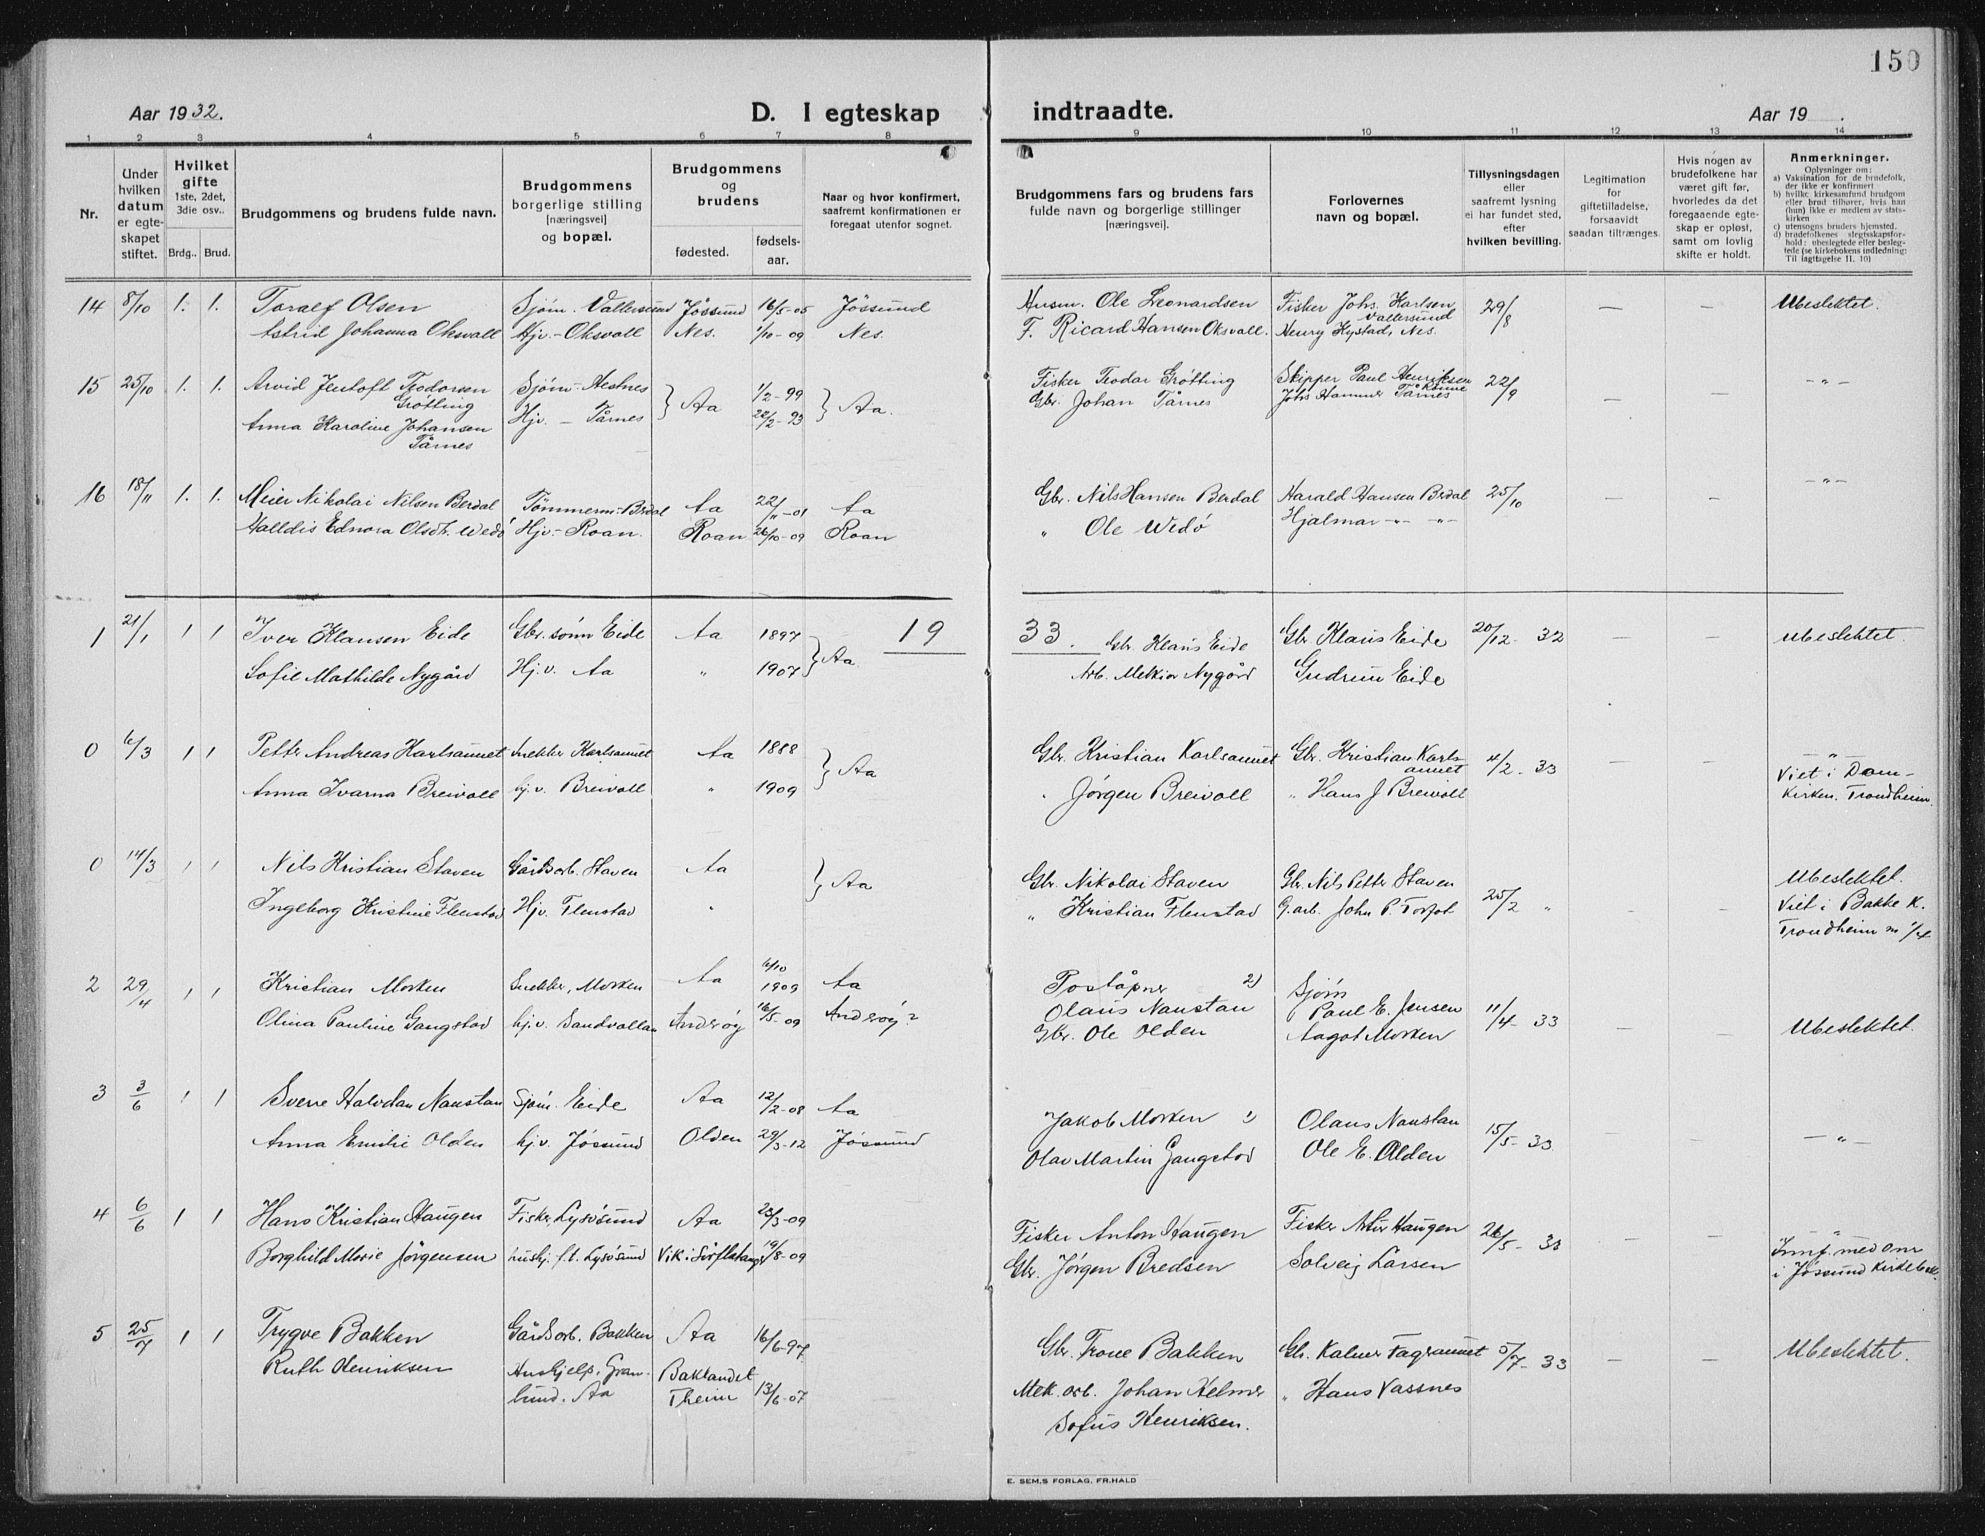 SAT, Ministerialprotokoller, klokkerbøker og fødselsregistre - Sør-Trøndelag, 655/L0689: Klokkerbok nr. 655C05, 1922-1936, s. 150